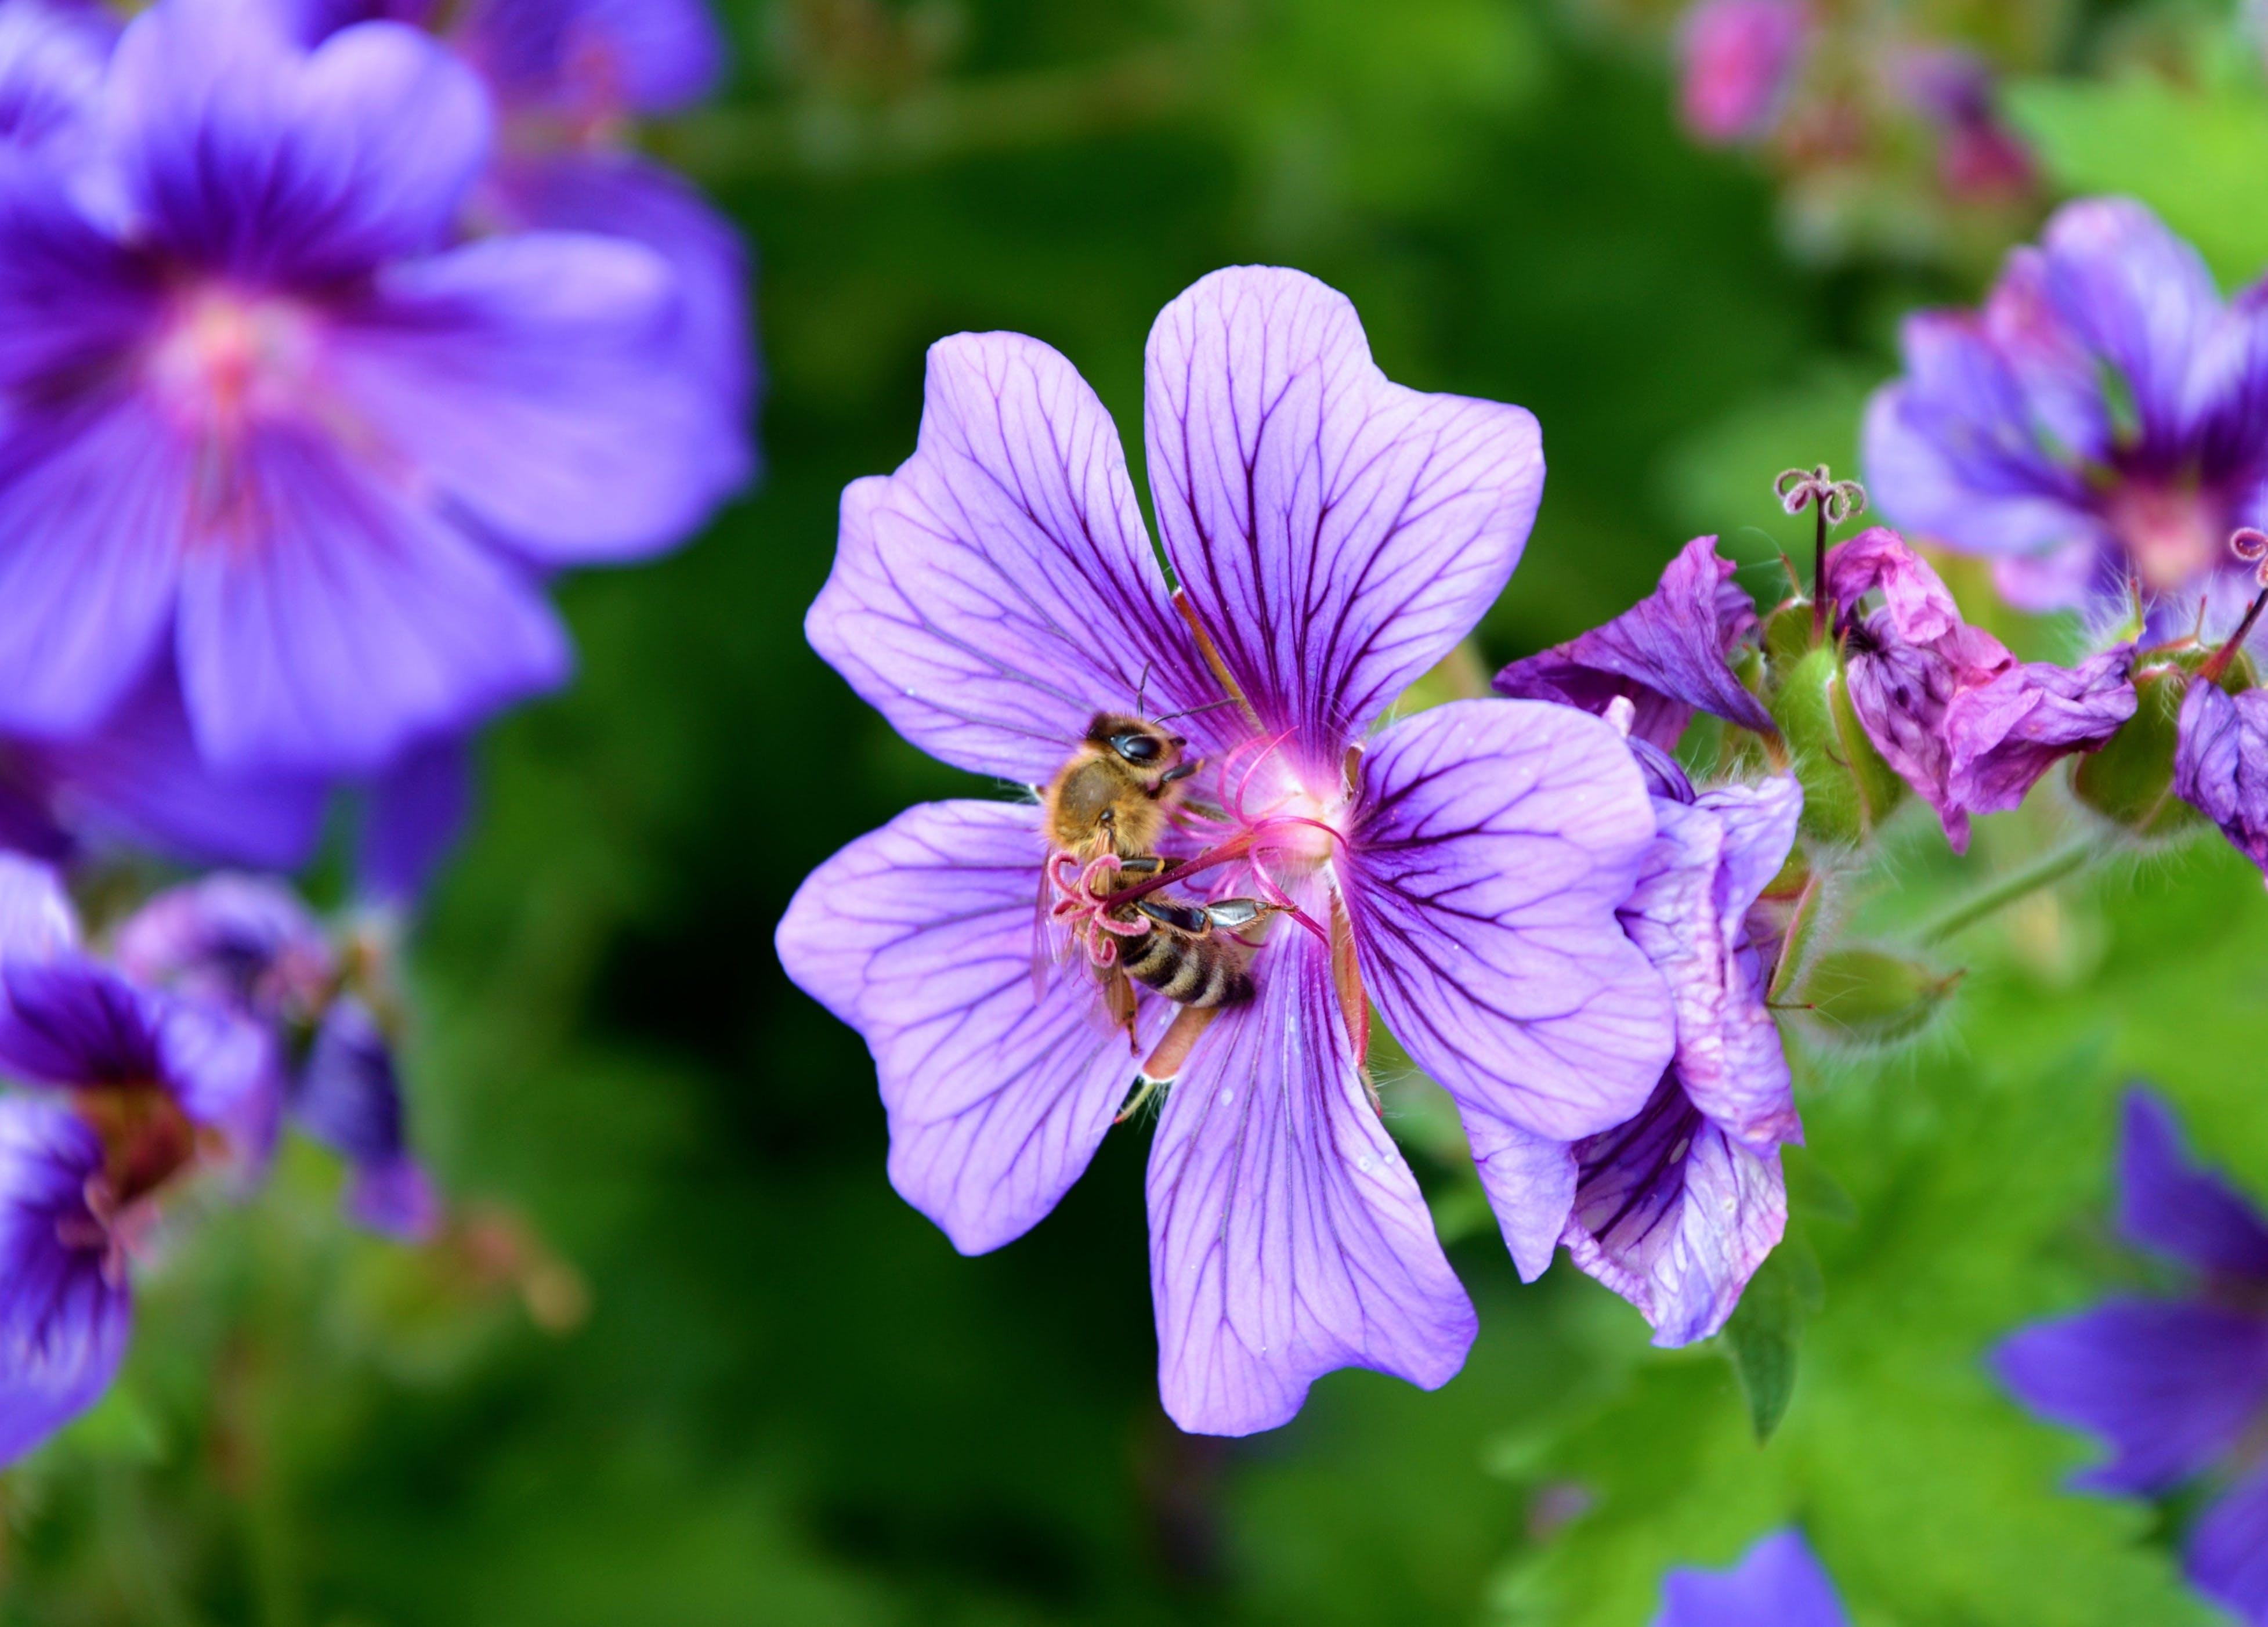 arı, bitki örtüsü, bitkiler, böcek içeren Ücretsiz stok fotoğraf